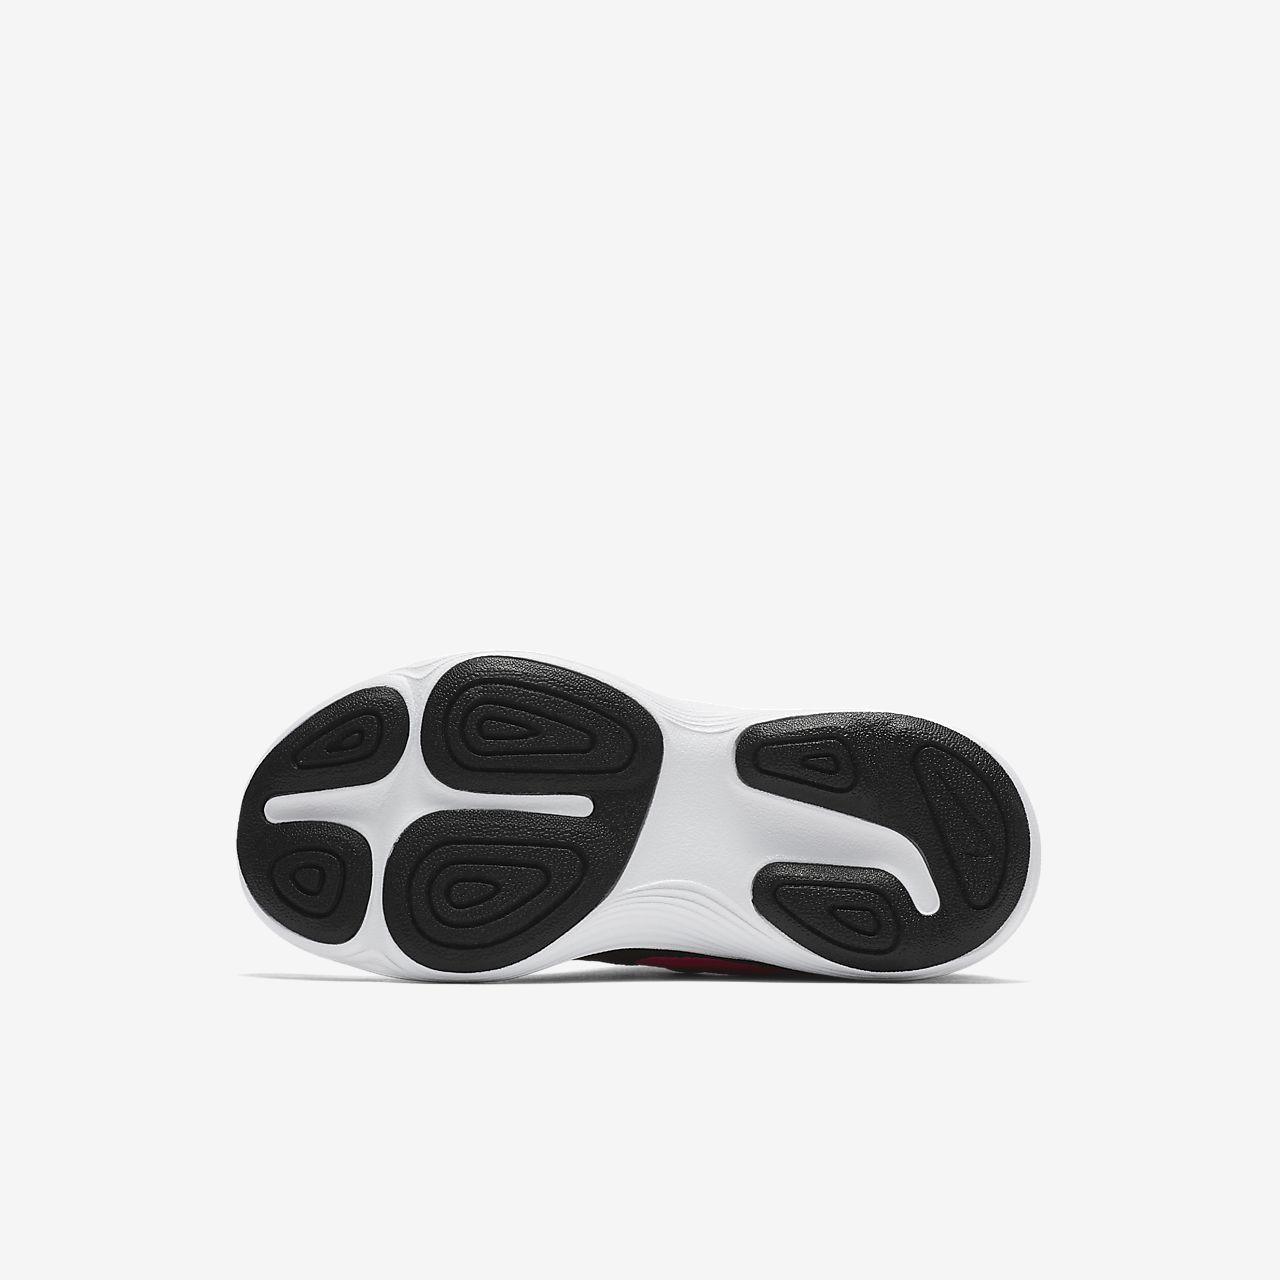 22040d28f4cb Sko Nike Revolution 4 för barn. Nike.com SE